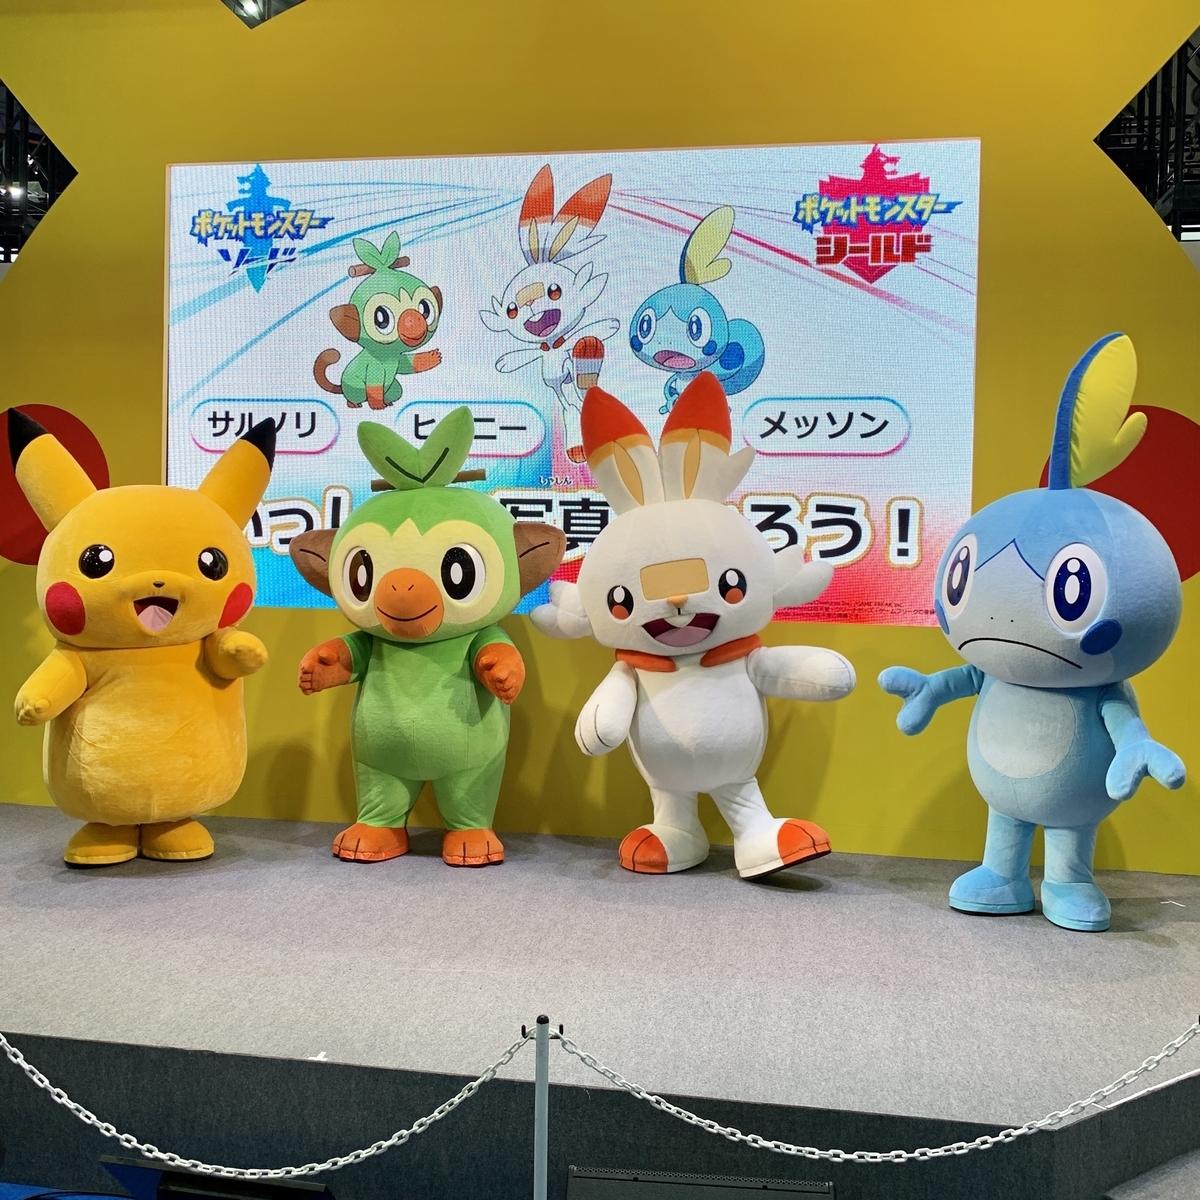 f:id:pikachu_pcn:20190630161758j:plain